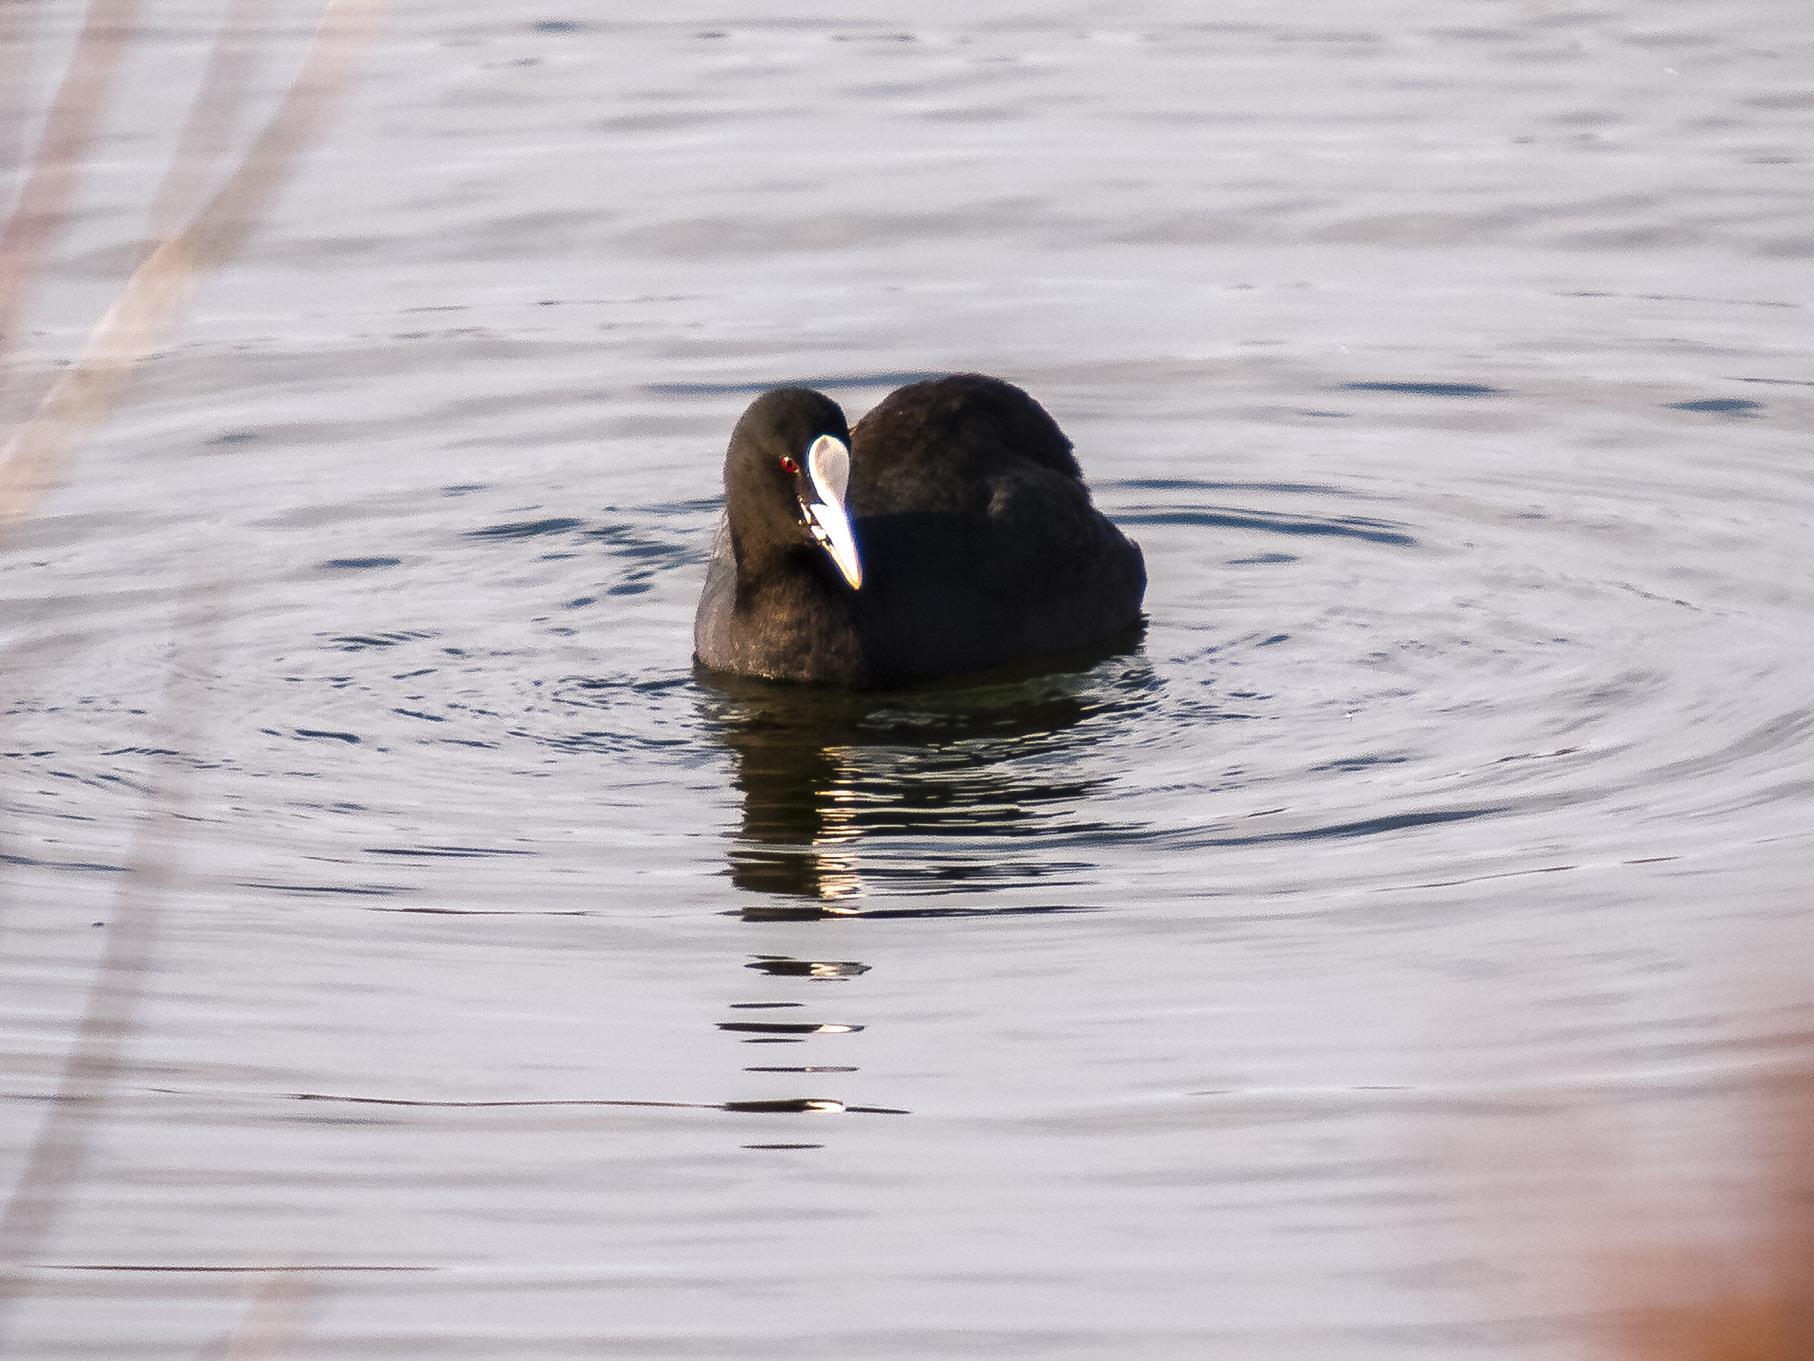 Ein Blässhuhn sucht Nahrung auf dem Wasser.